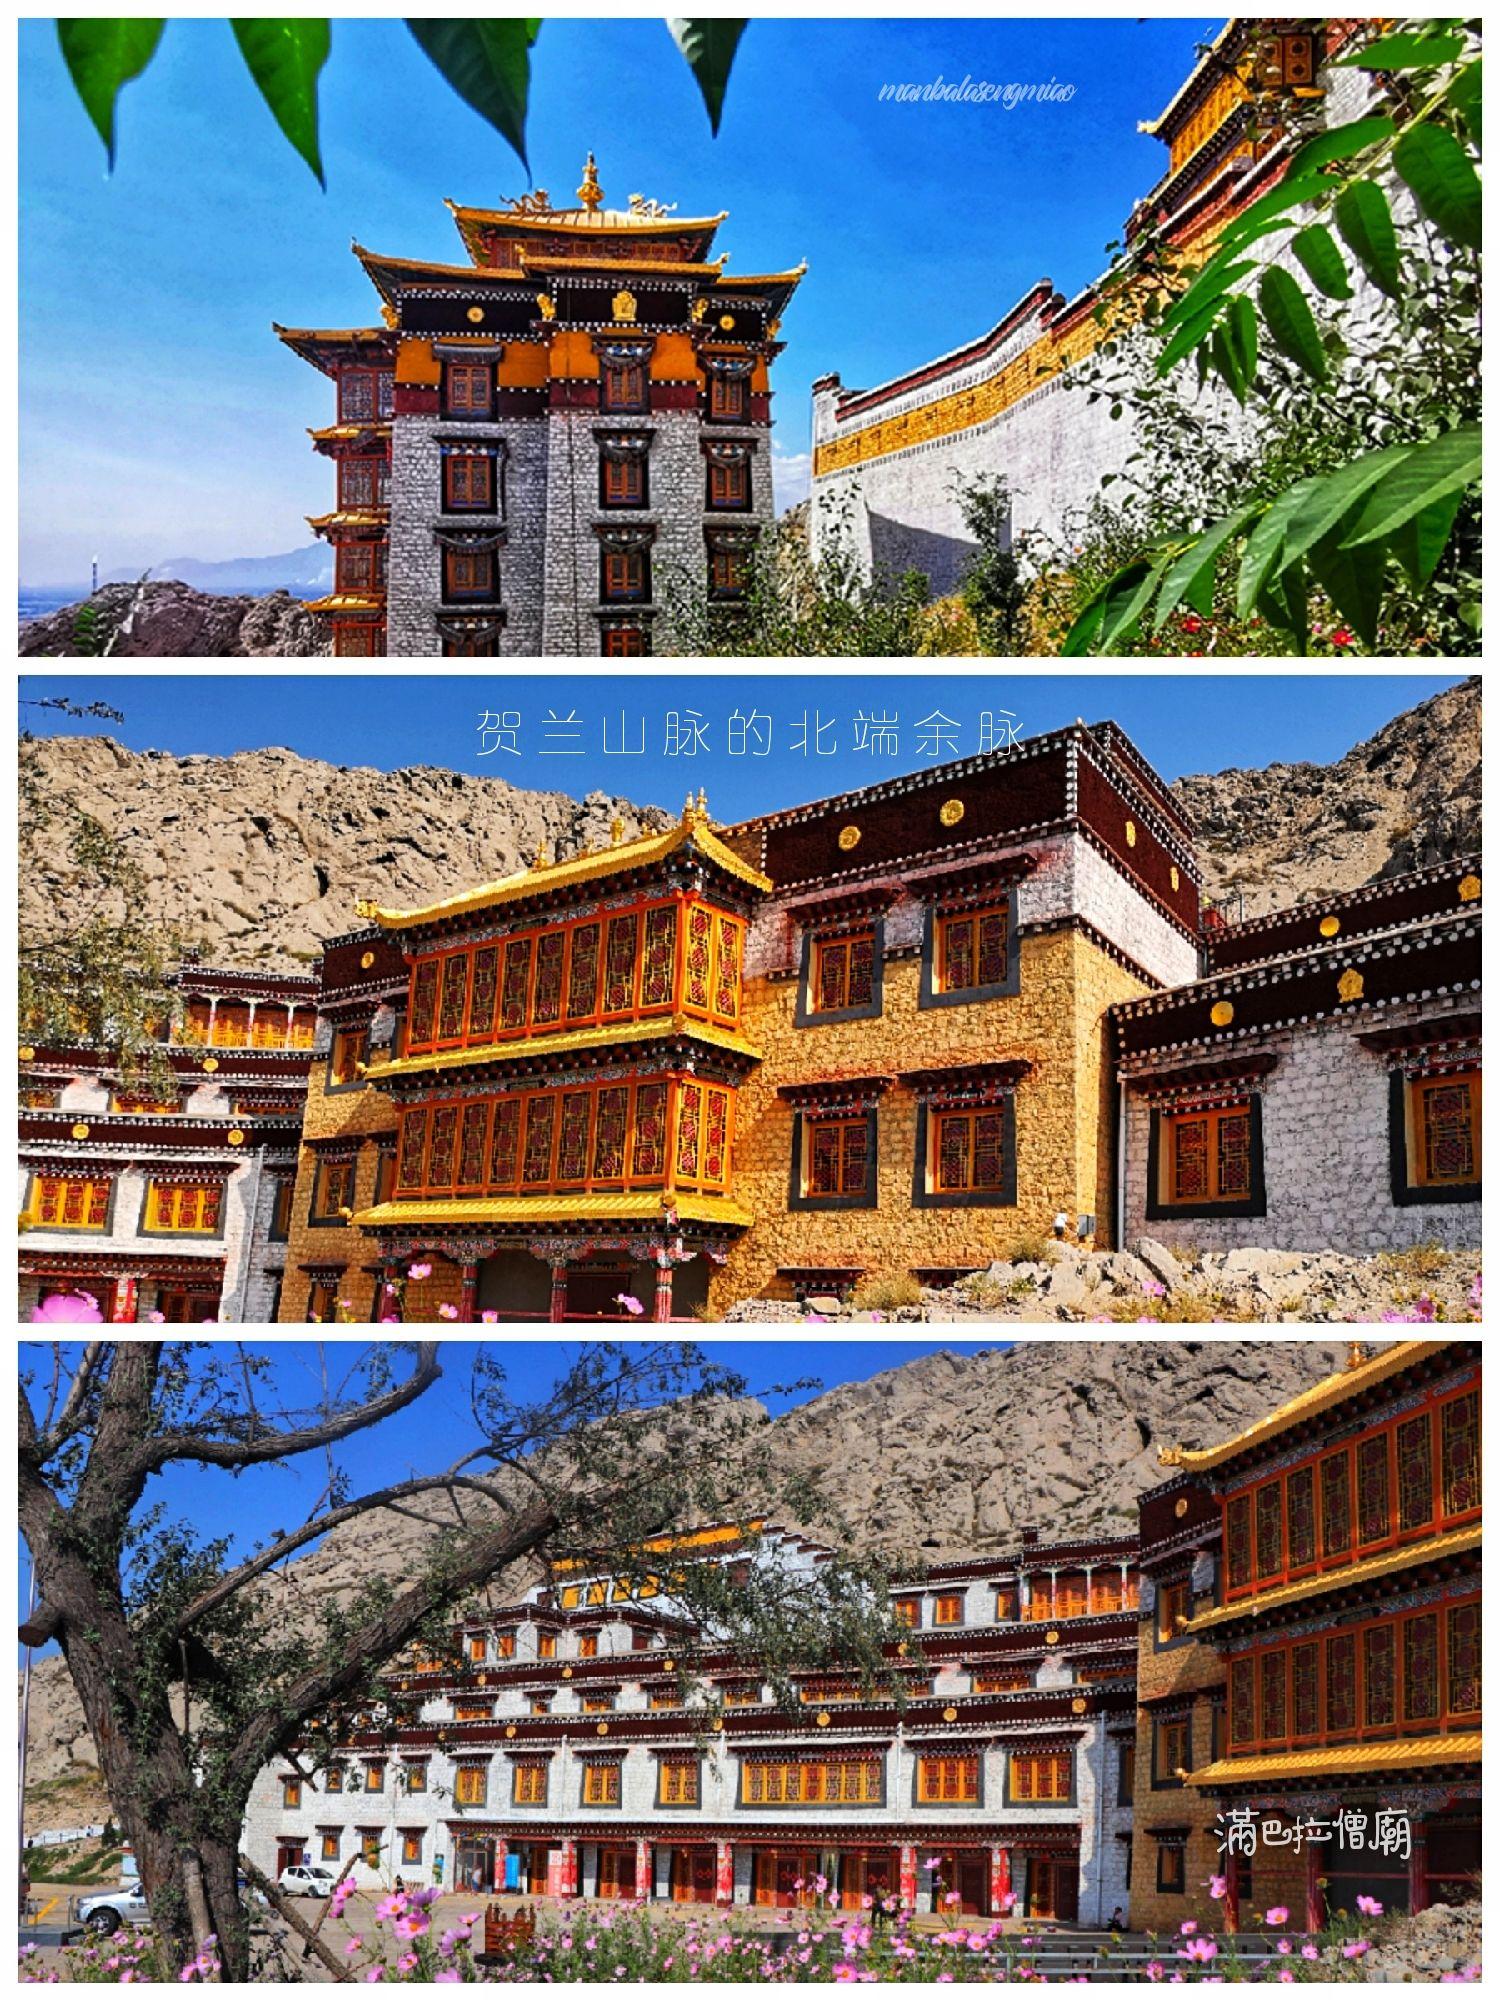 滿巴拉僧廟